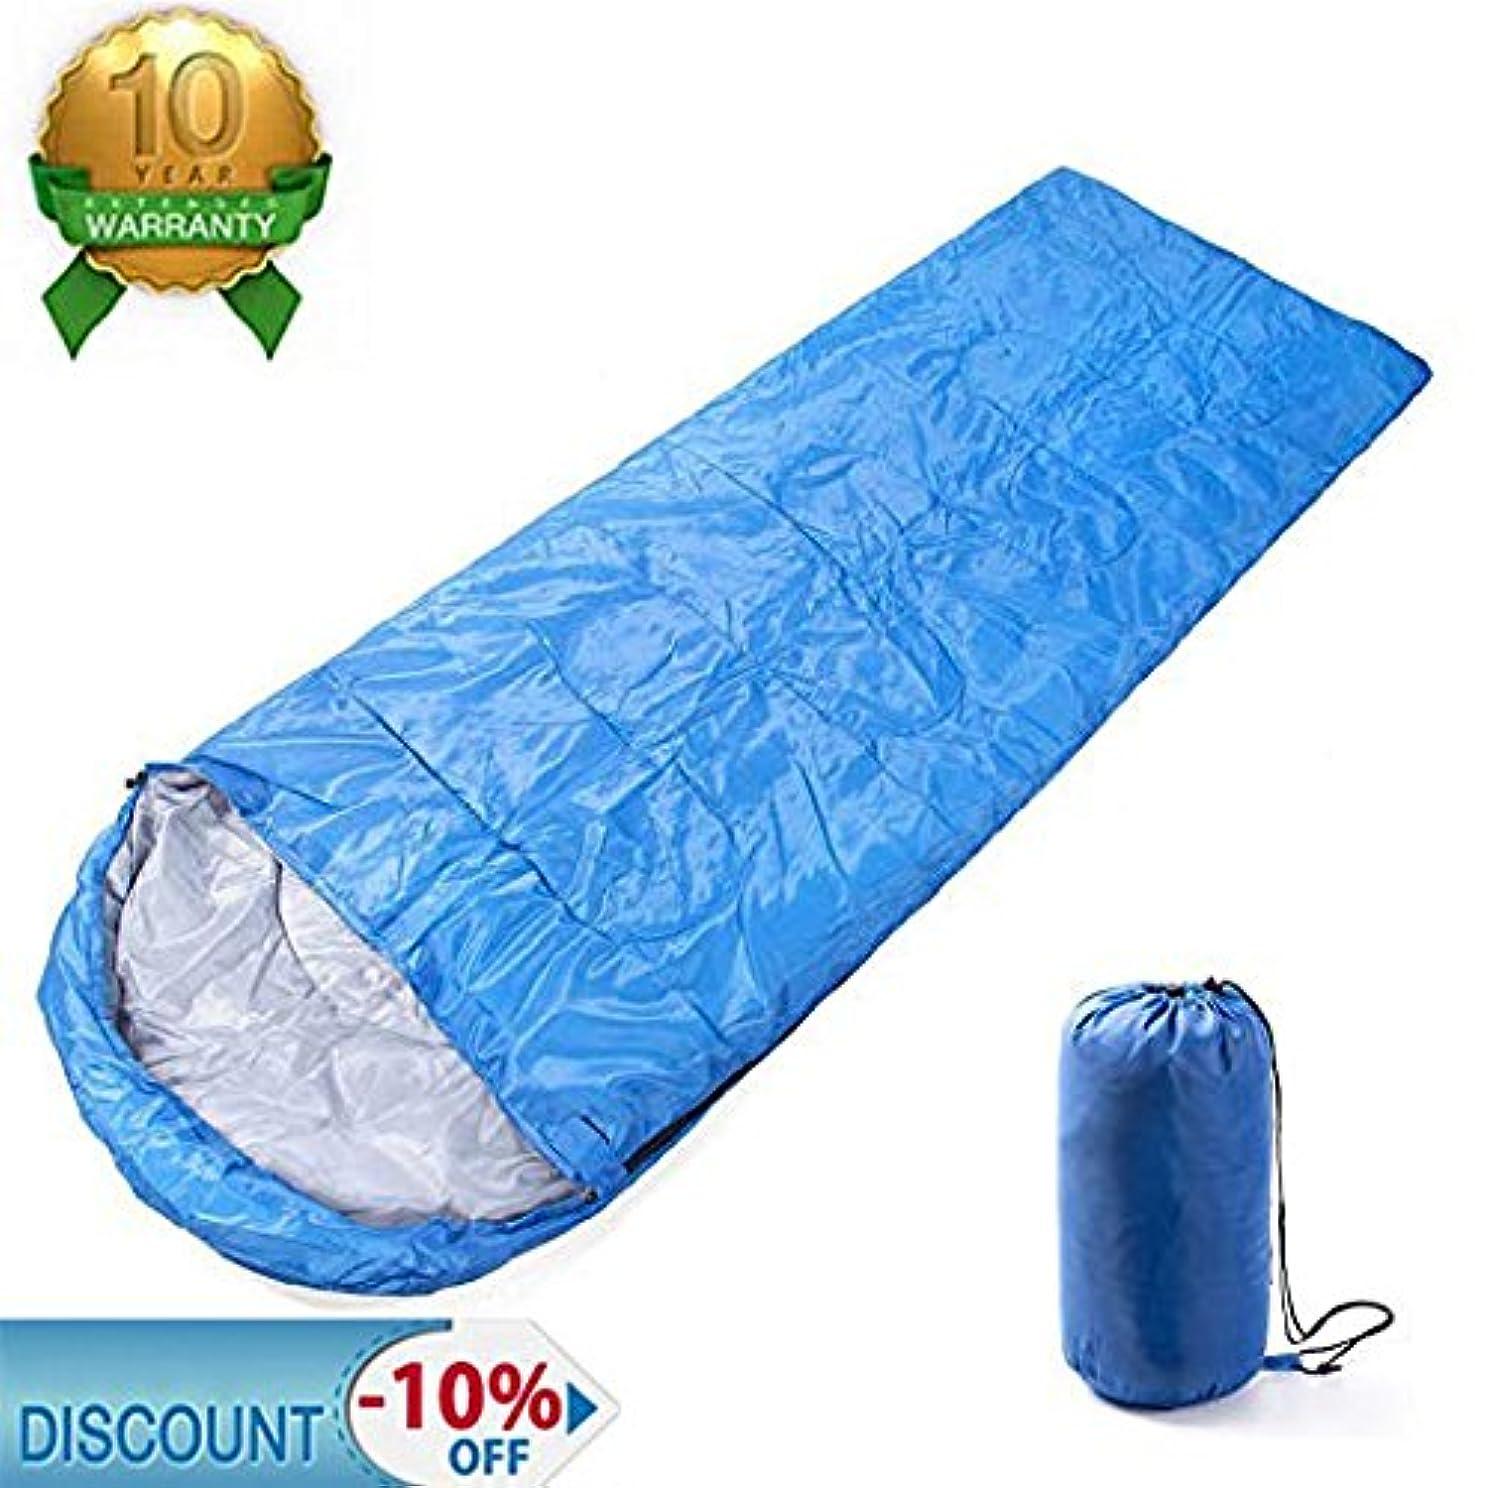 できるジャグリングペック寝袋 スリーピングバッグ 軽量 封筒型 折りたたみ式 簡単収納 耐寒 収納袋付き アウトドア/登山/車中泊 15℃~5℃ 夏用 丸洗いOK